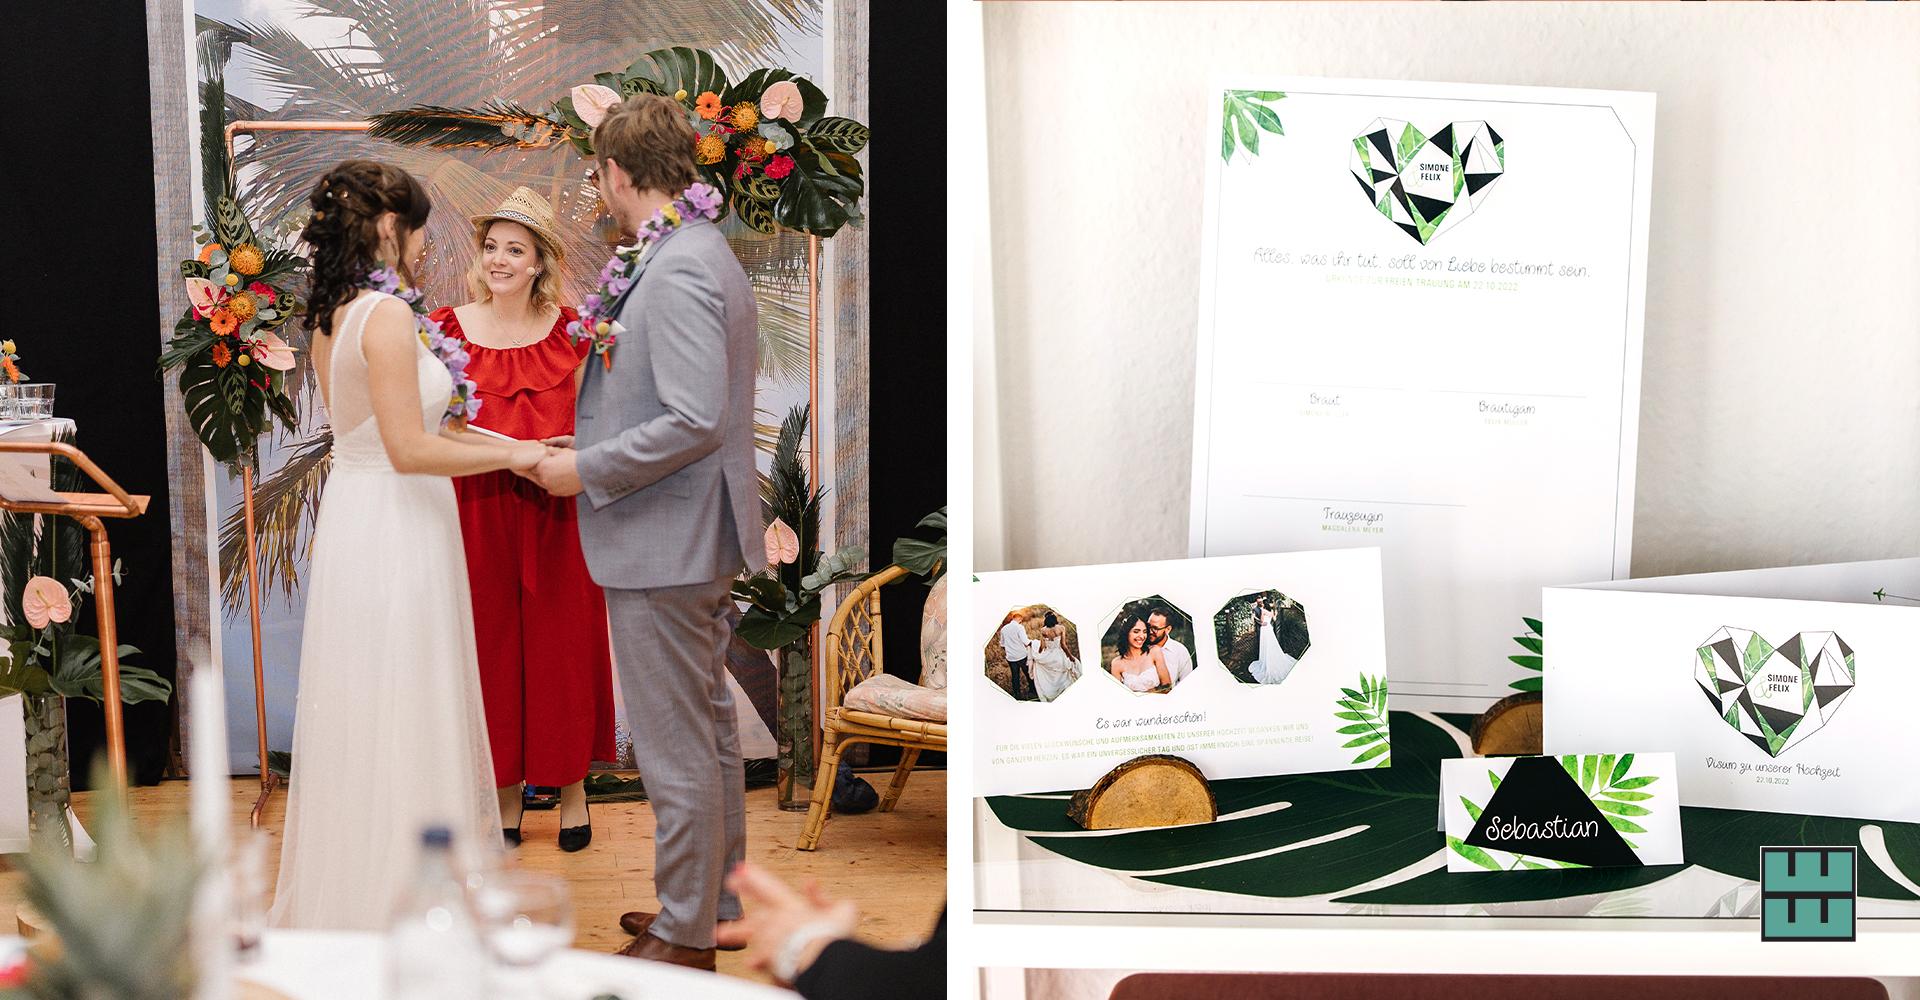 Zur Hochzeit unseres firmeninternen Brautpaares Nadine und Rafael haben wir mit tollen Dienstleistern eine exotisches Event kreiert.